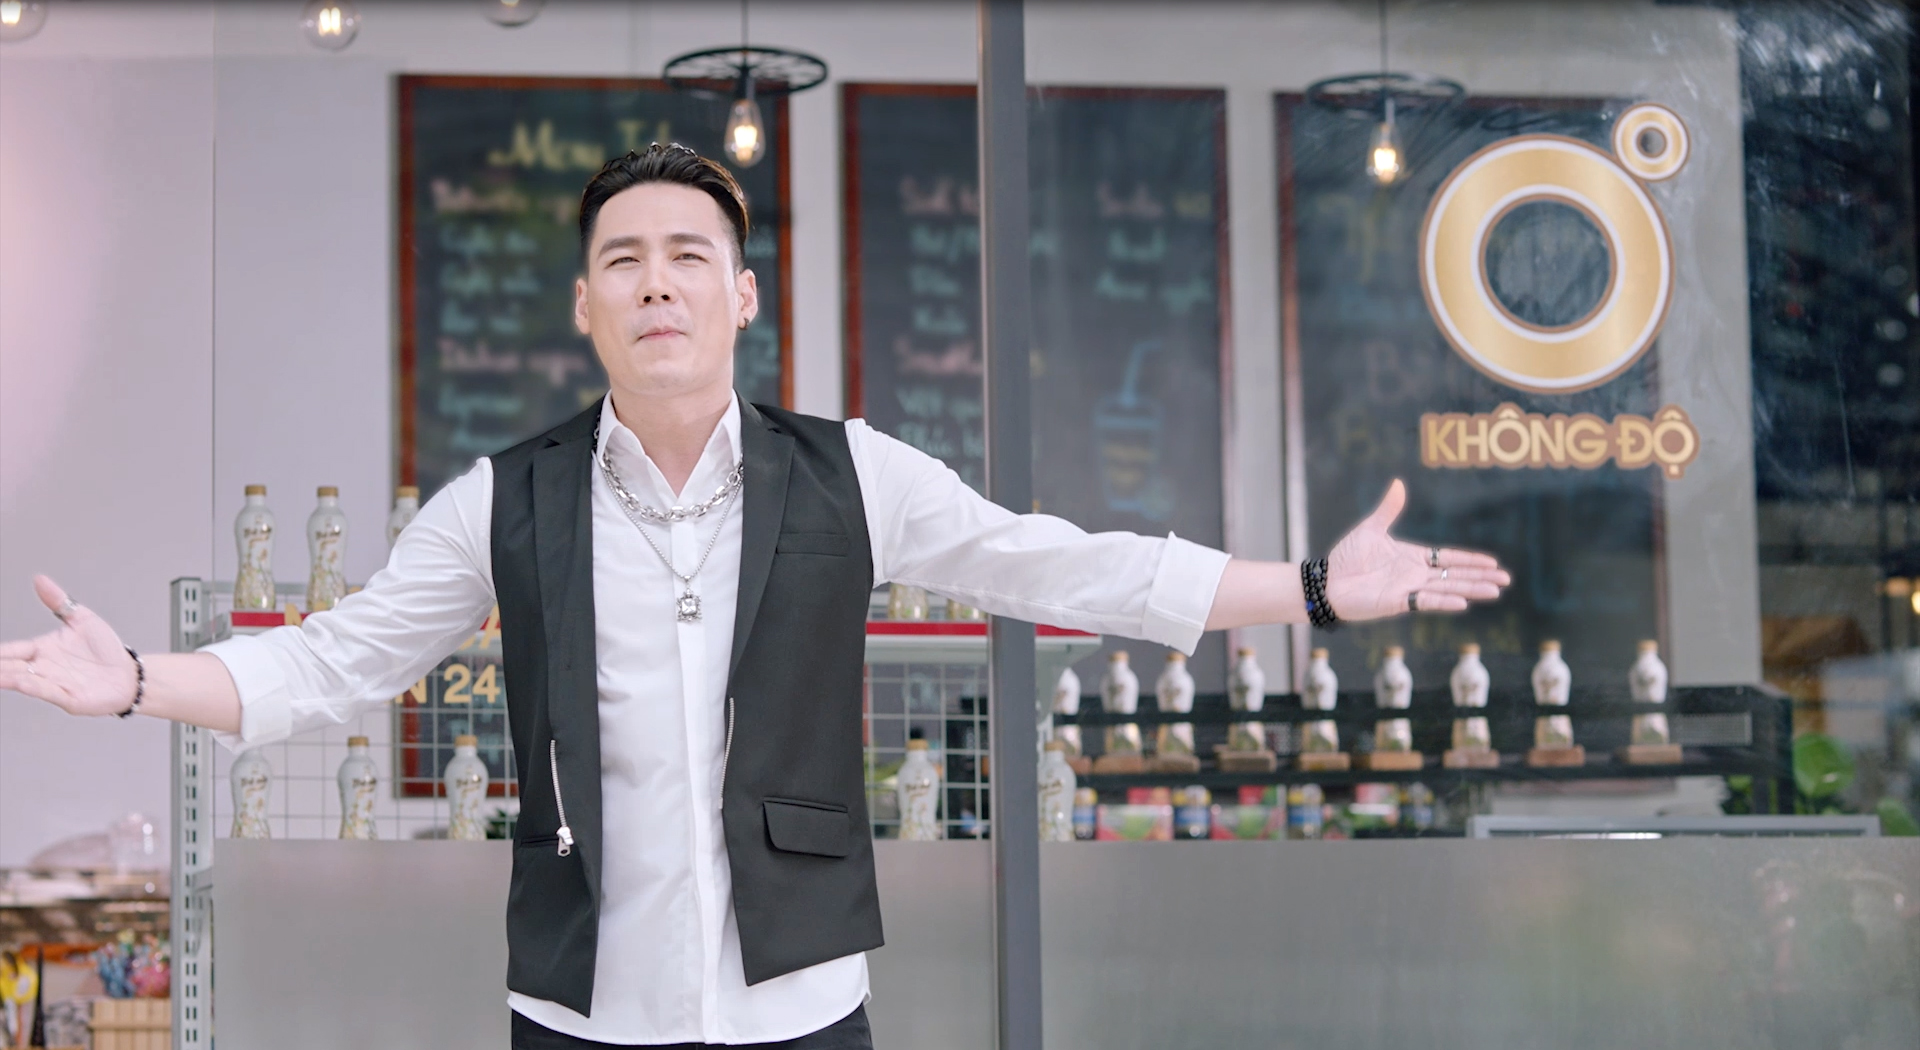 Fan trà sữa chú ý: Cuối tuần này sẽ có thương hiệu trà sữa đóng chai mới ra mắt thị trường Việt - Ảnh 5.